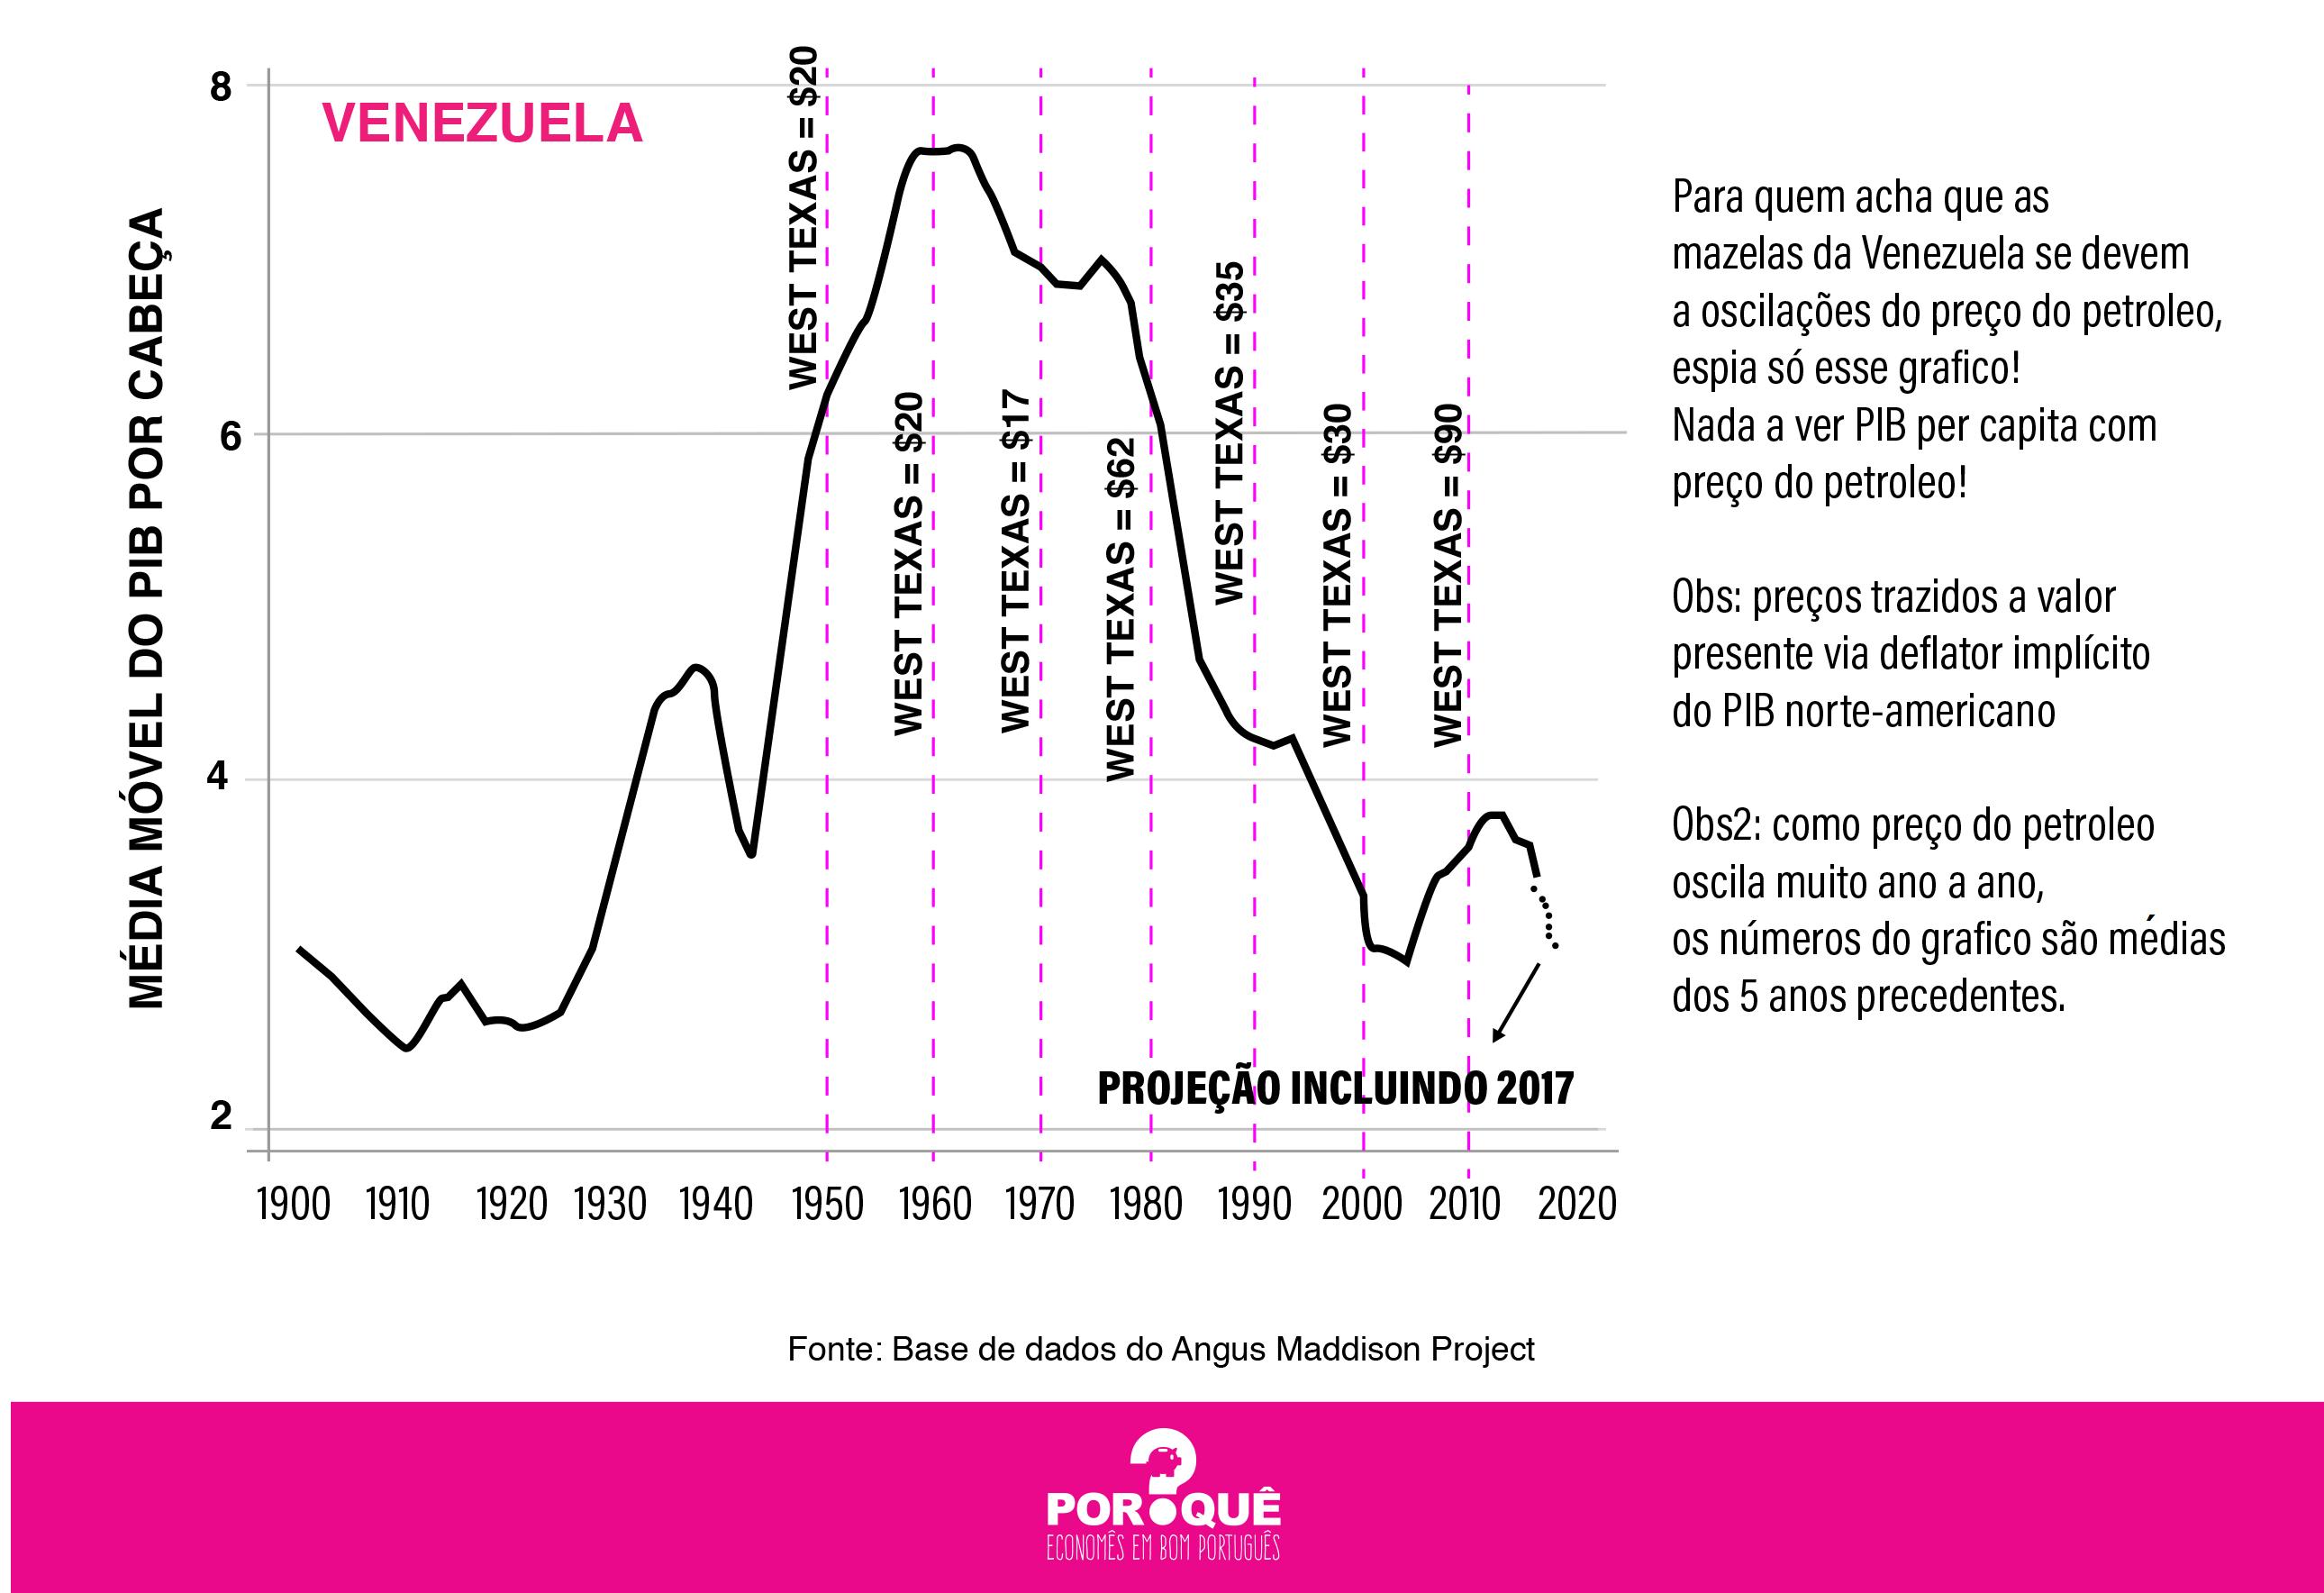 crise-venezuela-culpa2